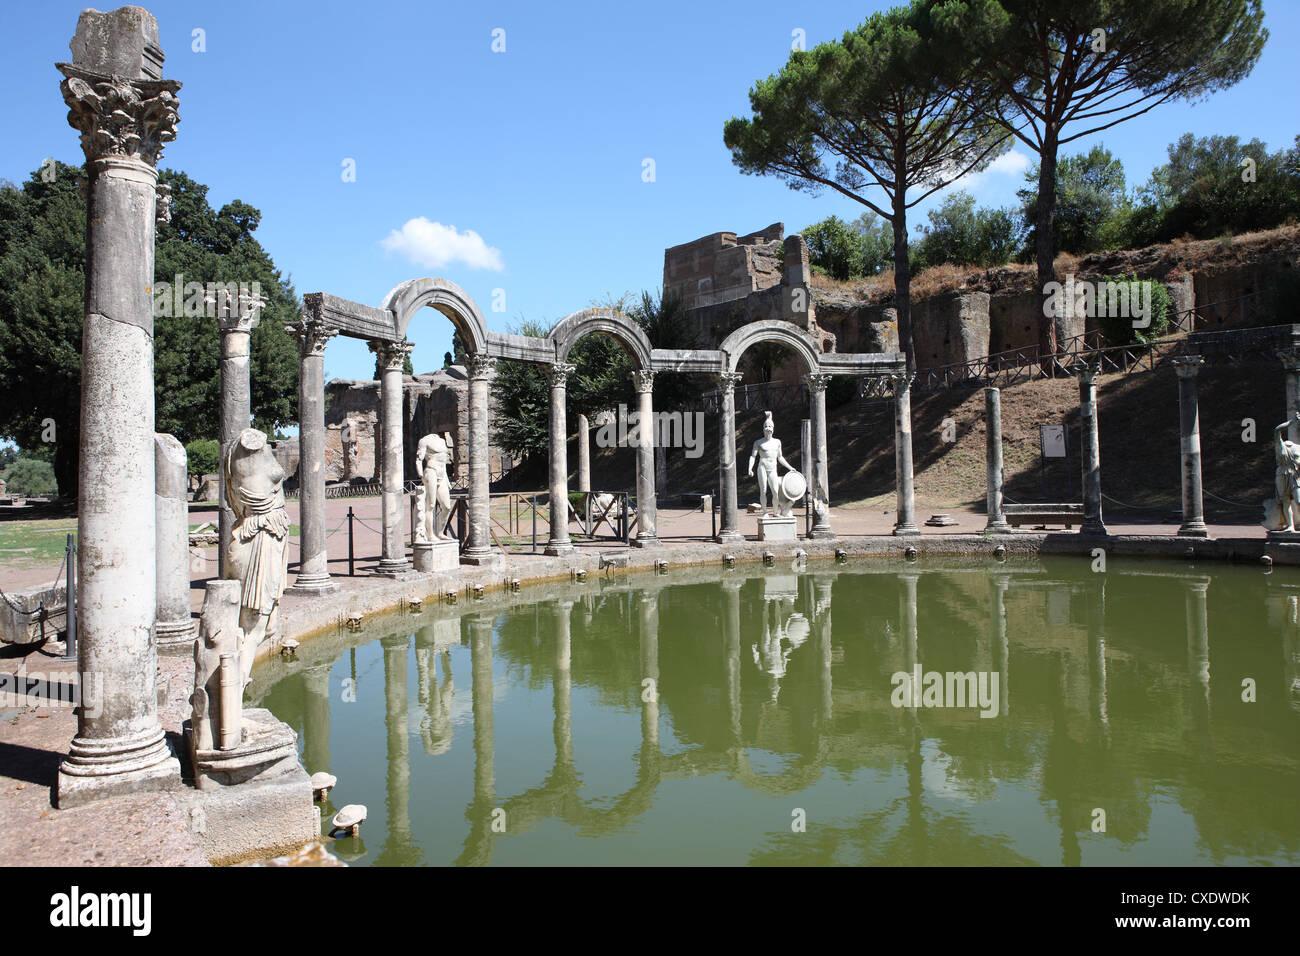 La Villa Adriana, Canopus Canal, Sitio del Patrimonio Mundial de la UNESCO, Tivoli, Roma, Lazio, Italia, Europa Imagen De Stock